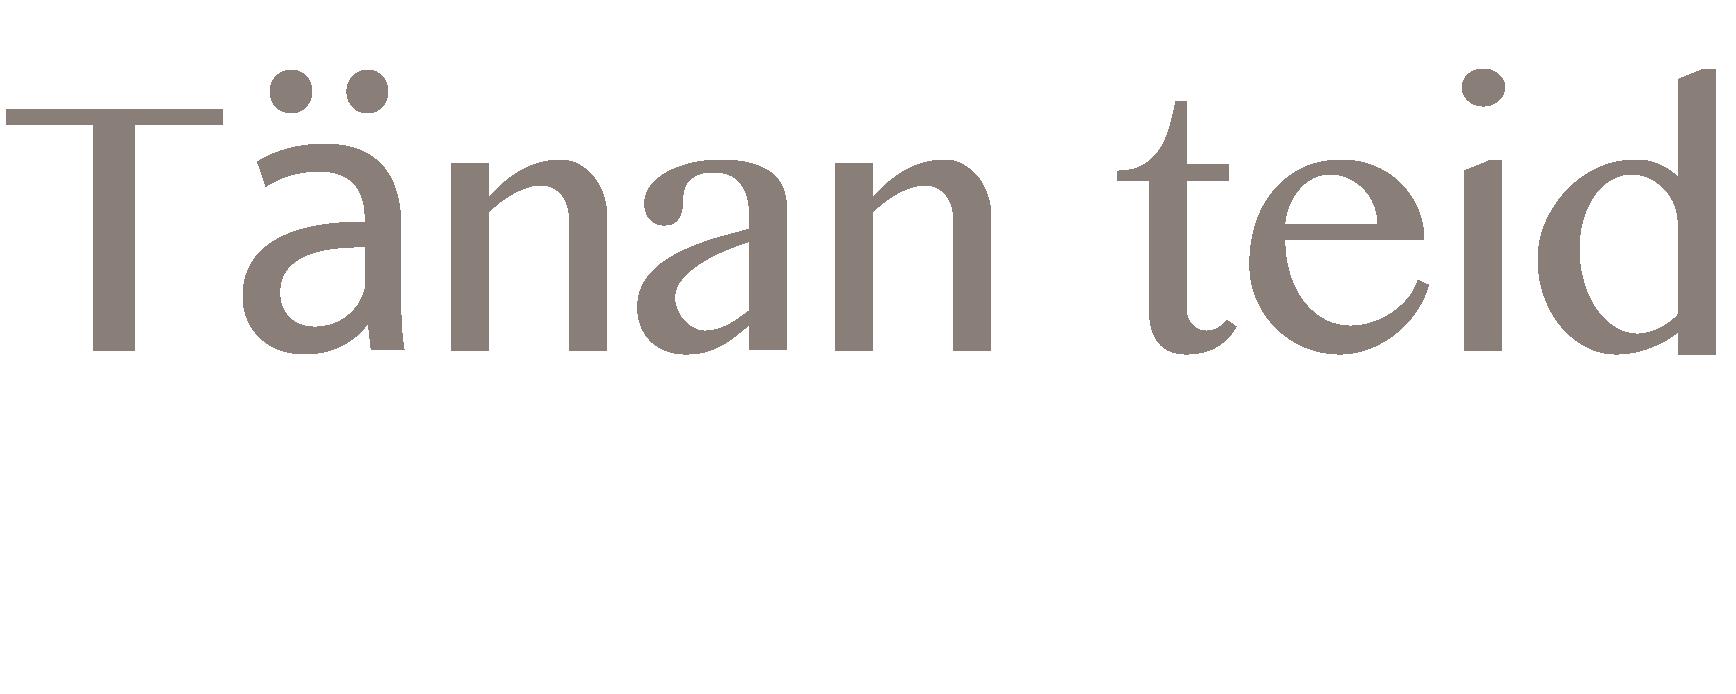 tanan.png